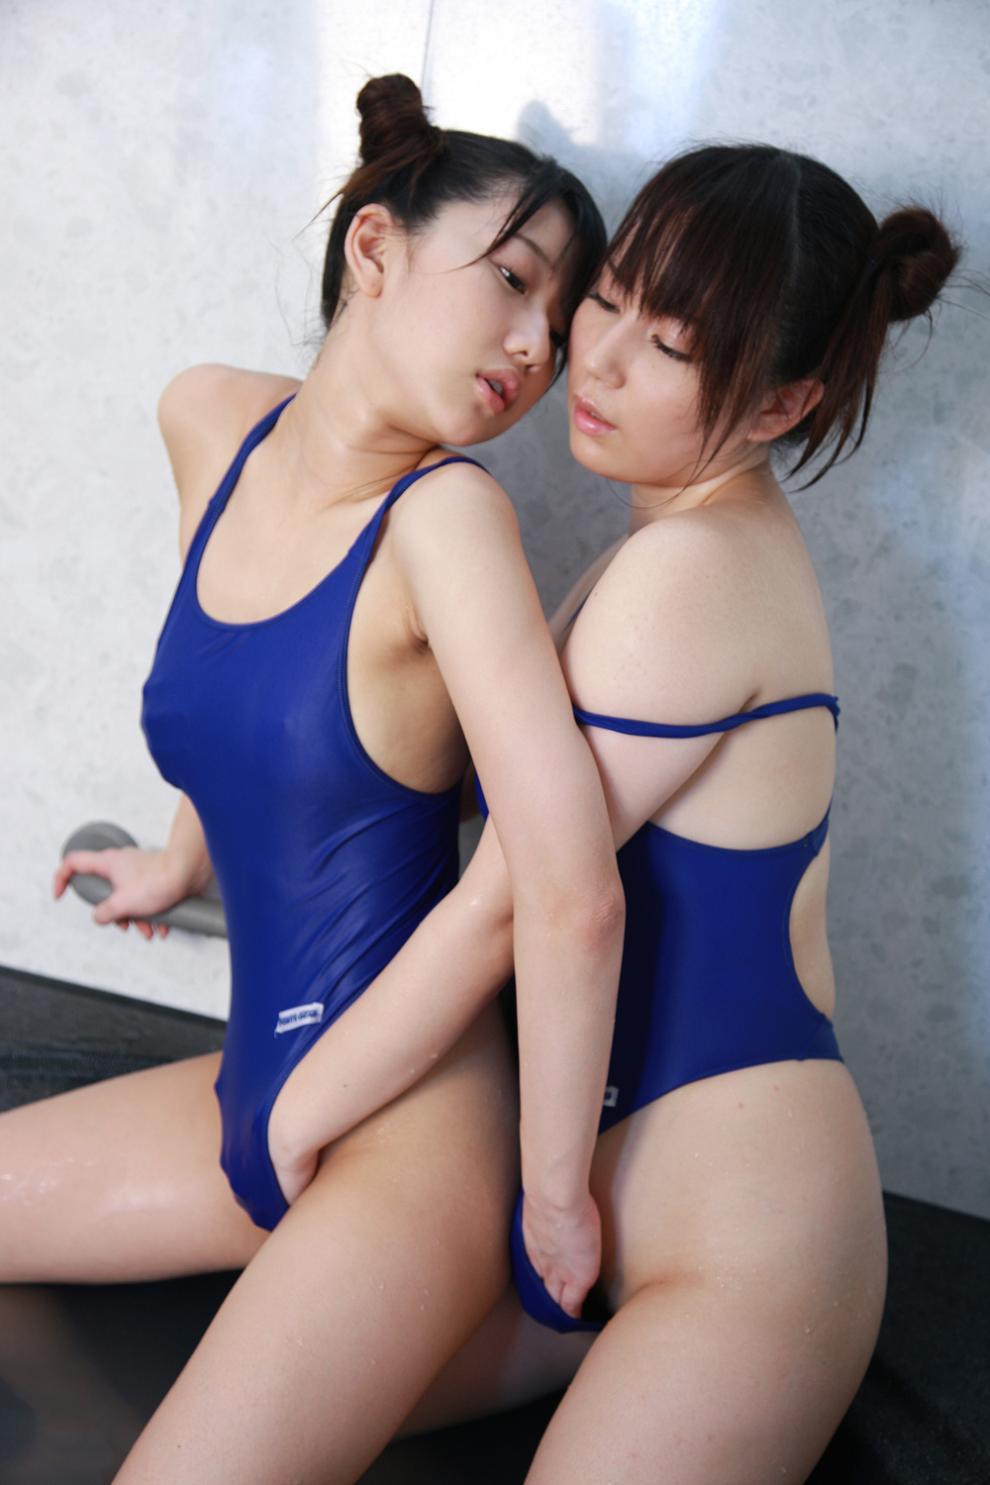 【おっぱい】百合だろうがなかろうがレズプレイをしている女性はいいものだ!【36枚】 07